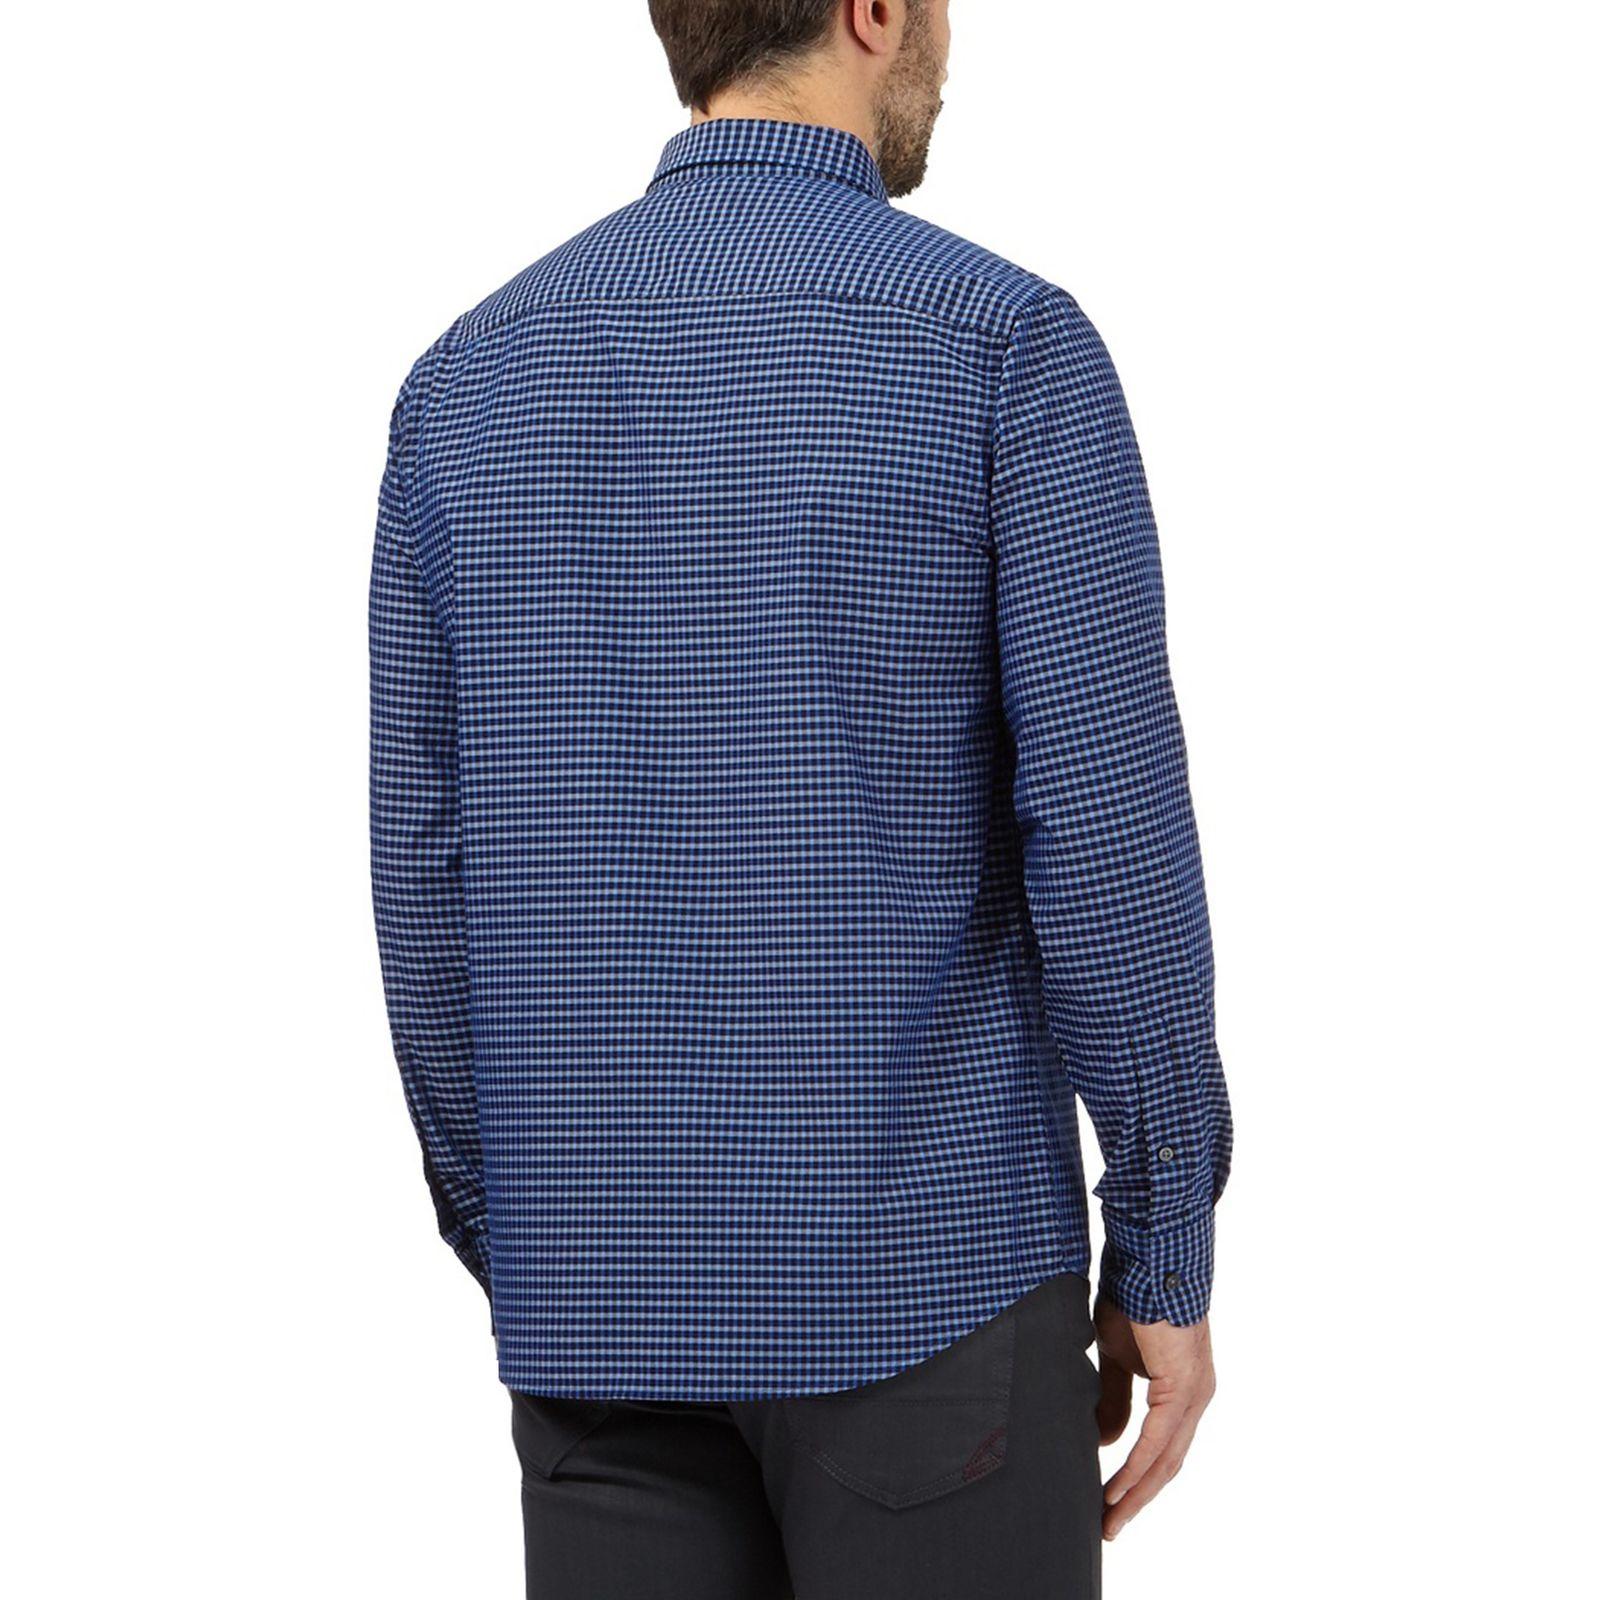 پیراهن نخی مردانه - کالکشن - آبي - 4